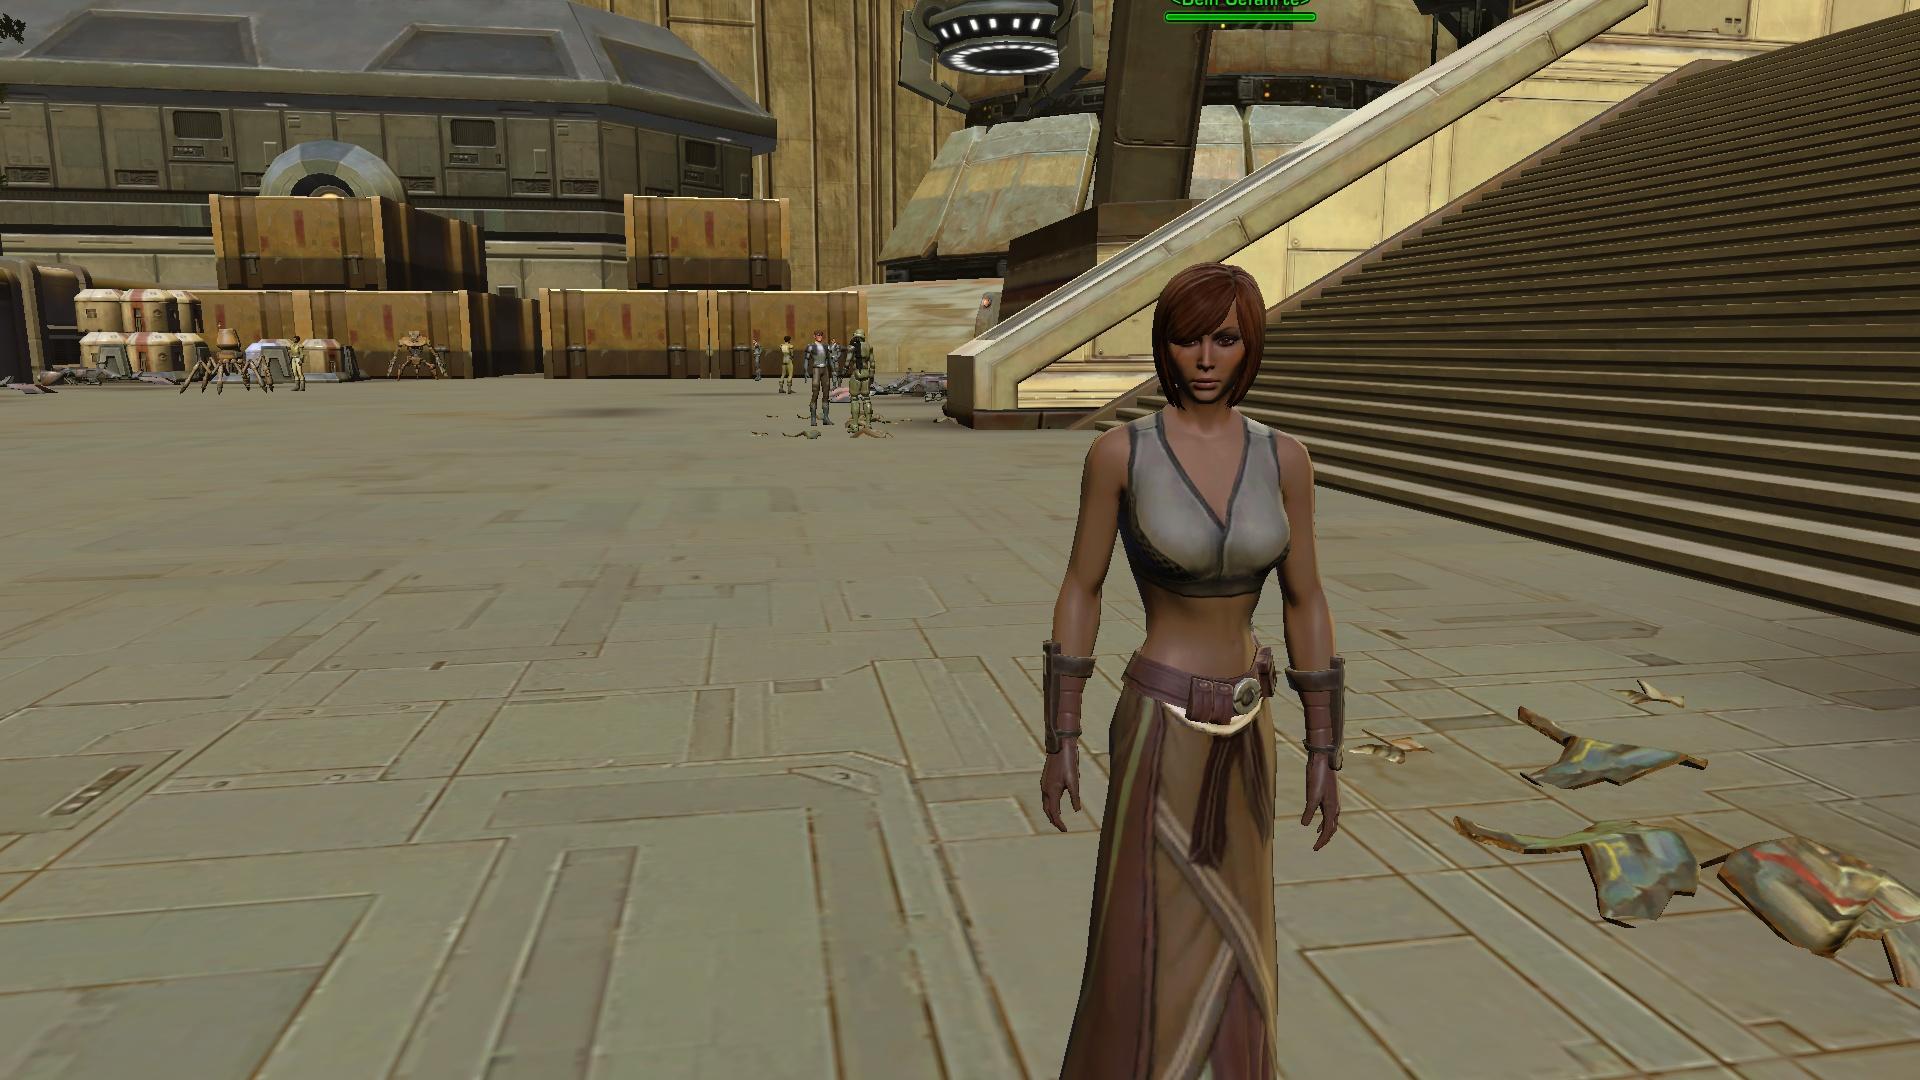 screenshot_2011-12-2575l69.jpg